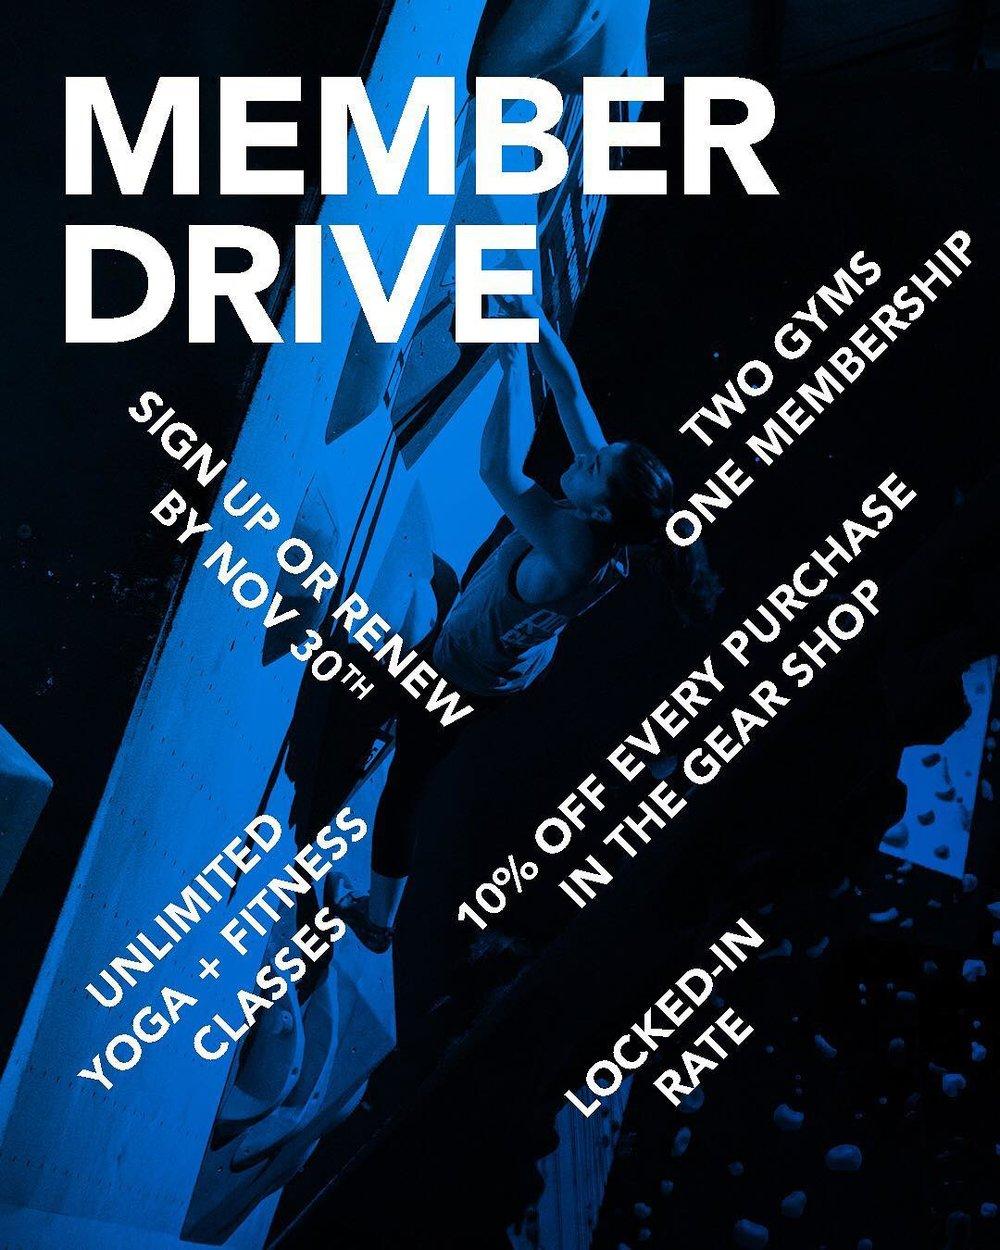 member-drive-extended.jpg